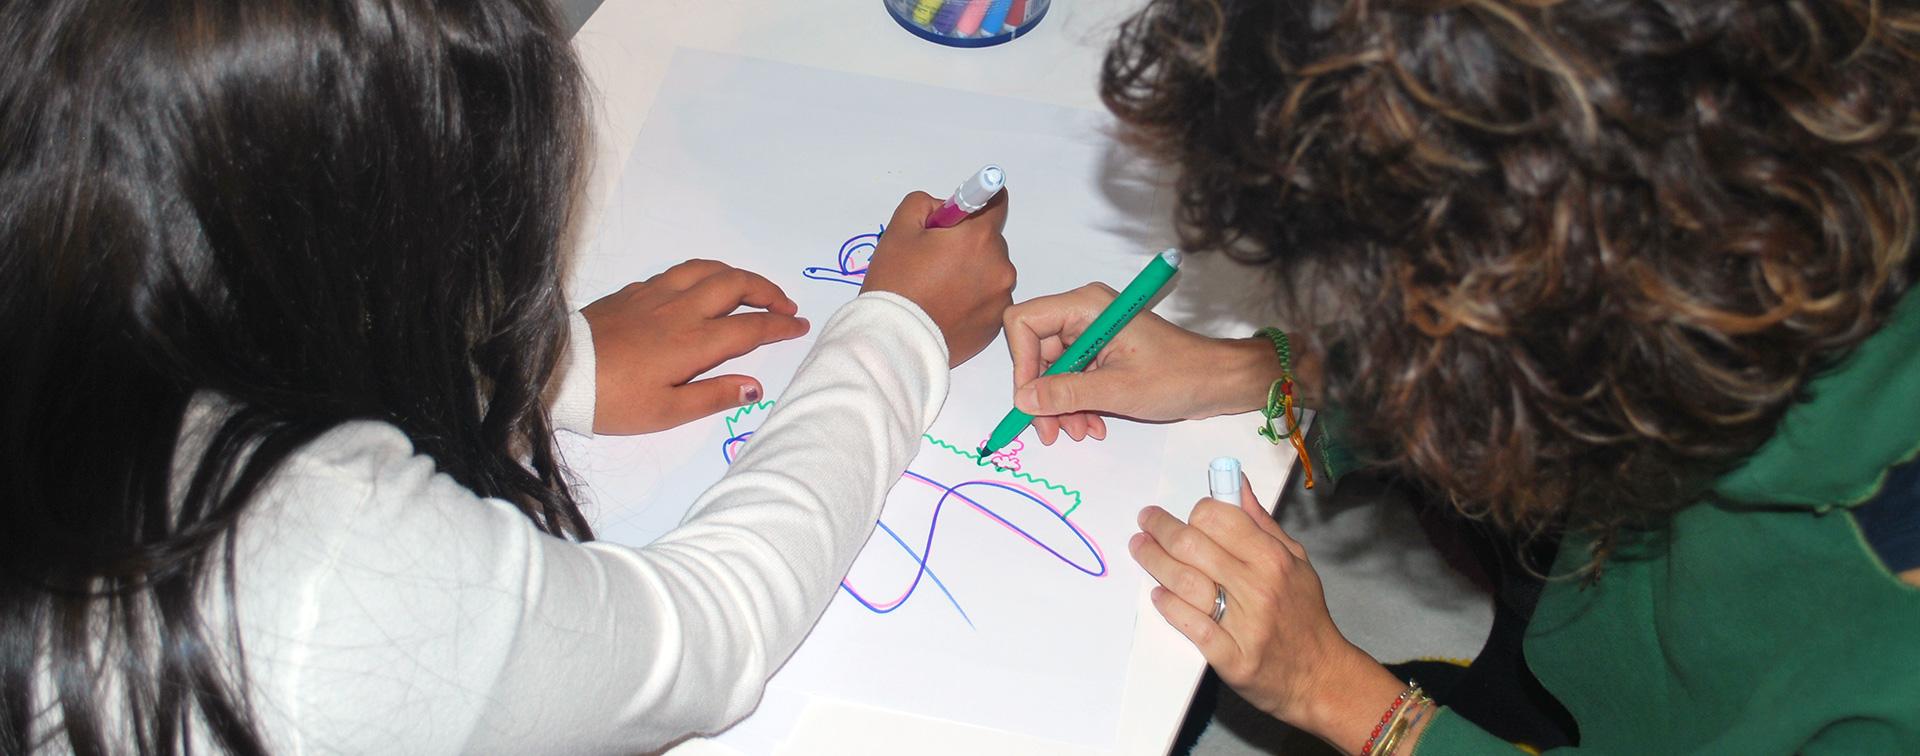 Arké centro multidisciplinare salute e del benessere dell'infanzia